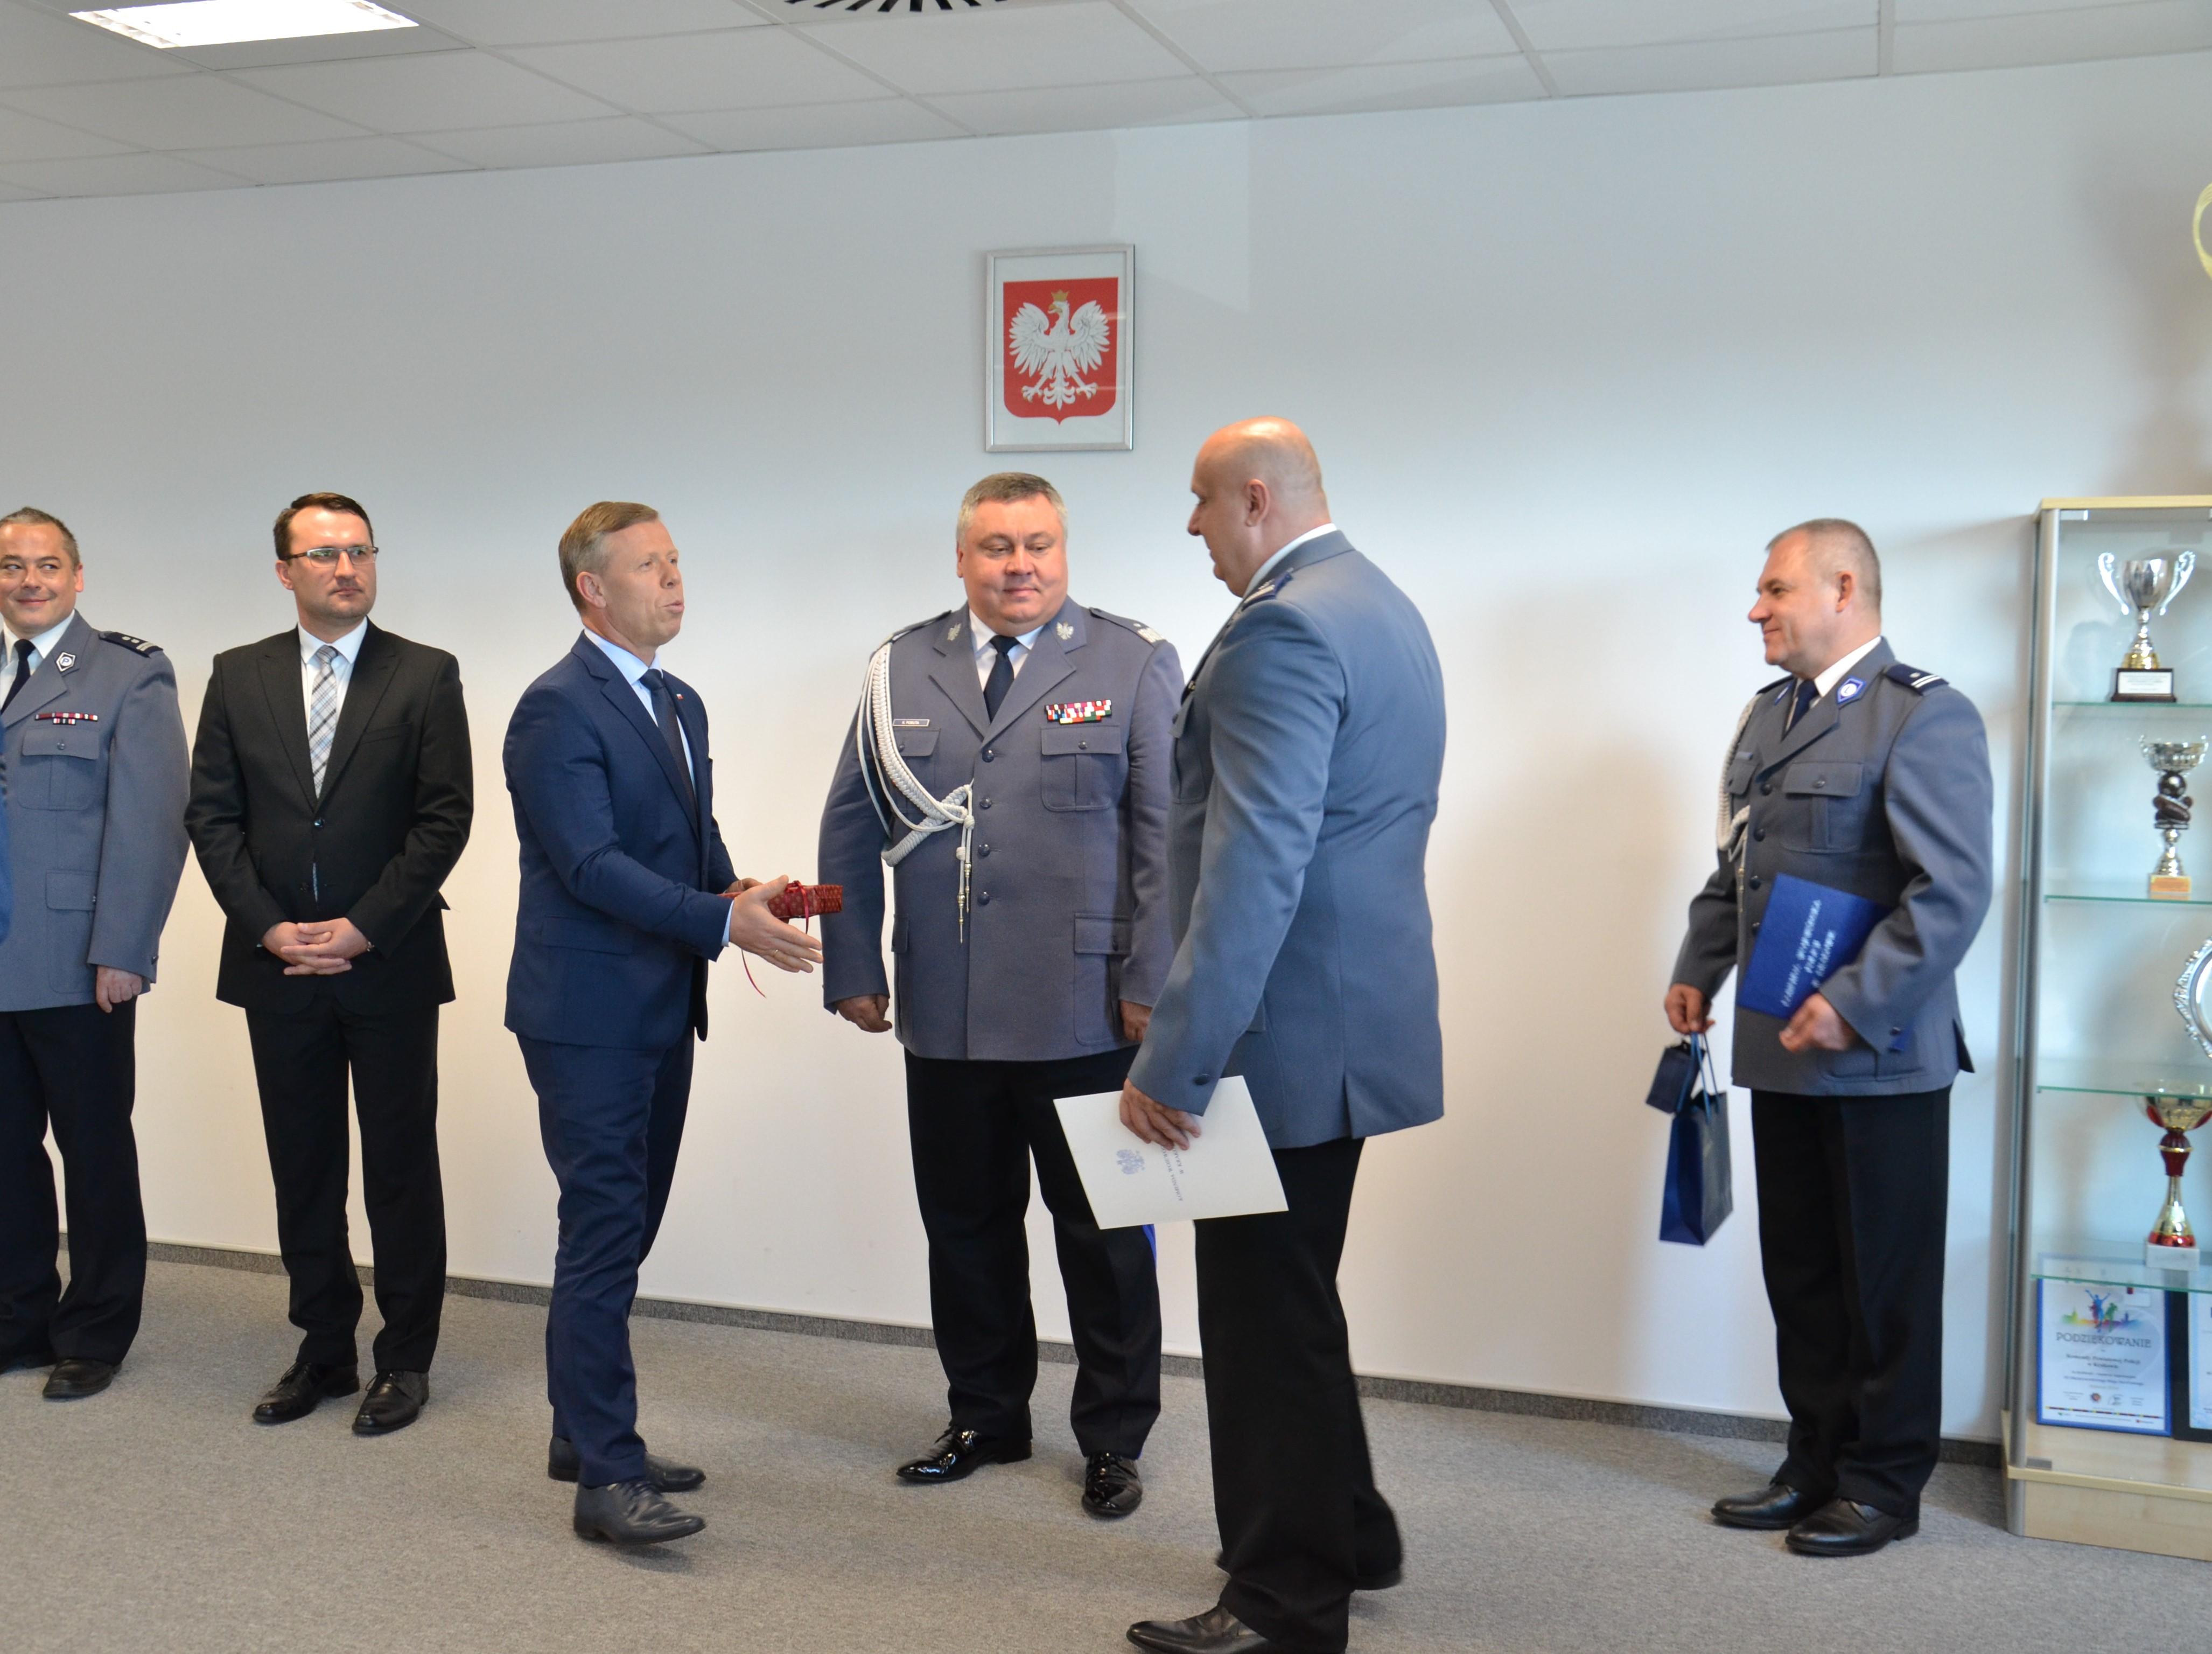 Uroczyste mianowanie mł.insp. Tomasza Drożdżaka na Komendanta Powiatowego Policji w Krakowie